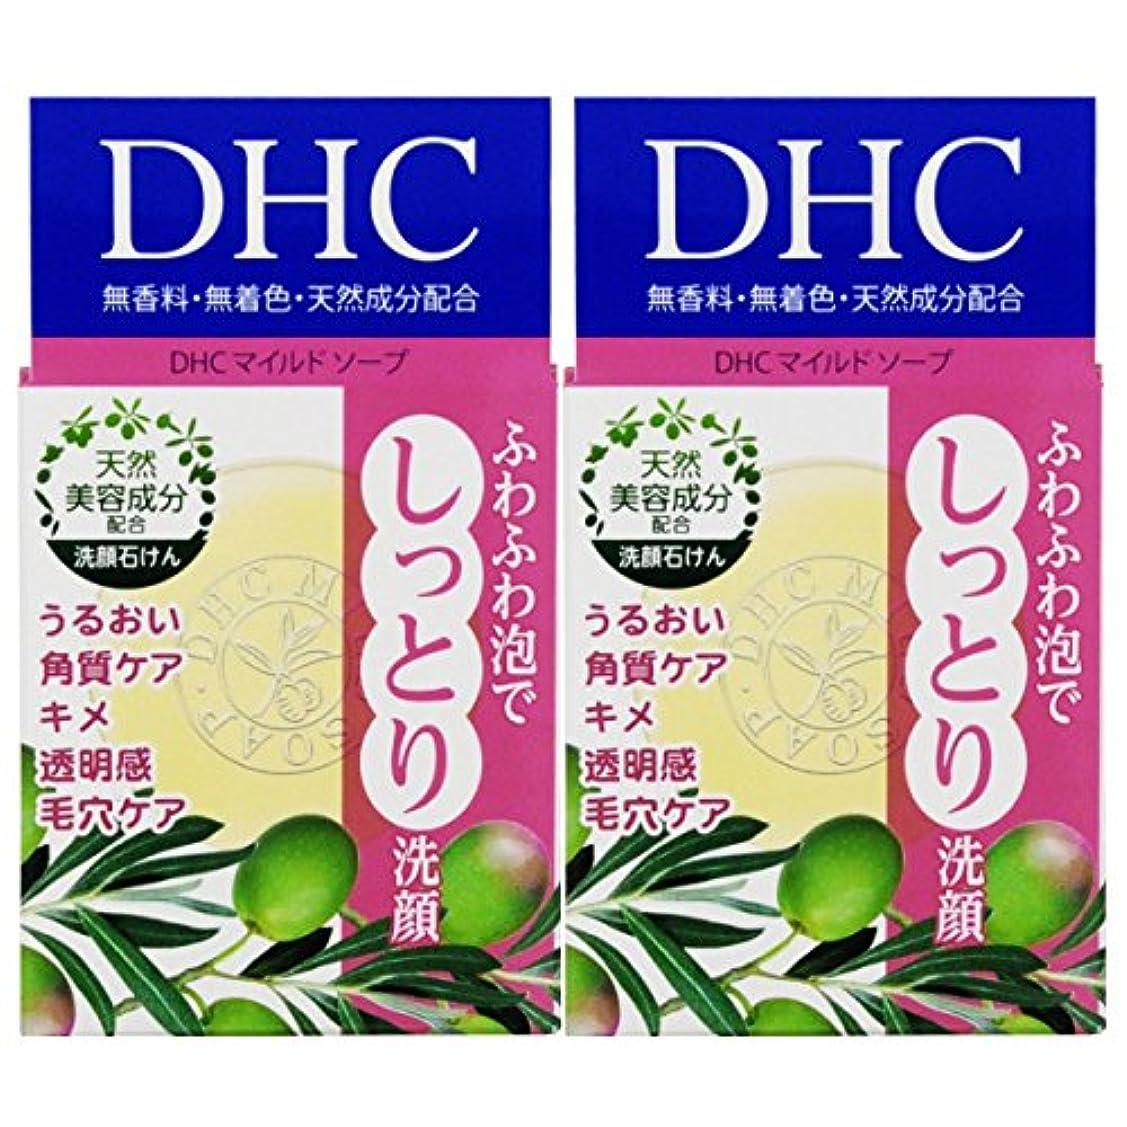 キャッチ封筒細分化する【セット品】DHC マイルドソープ (SS) 35g 2個セット